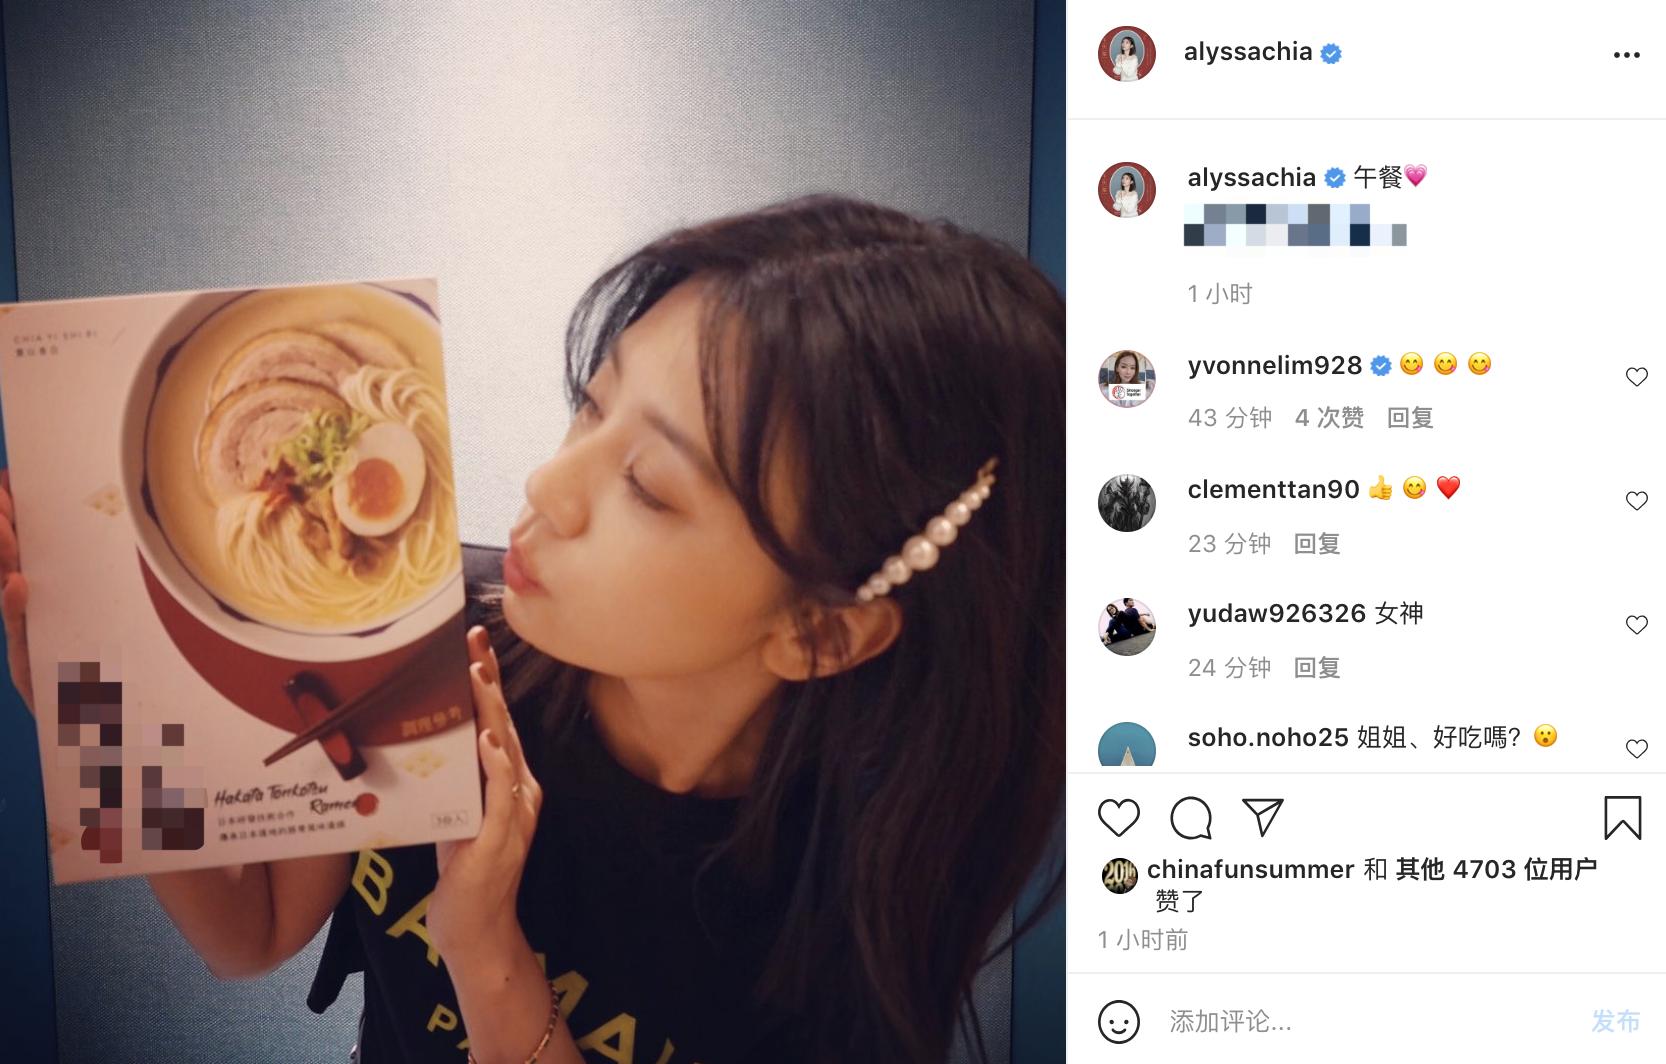 賈靜雯曬咘咘波妞萌照,宣傳自創品牌拉麵,曾被衛生局開千元罰單